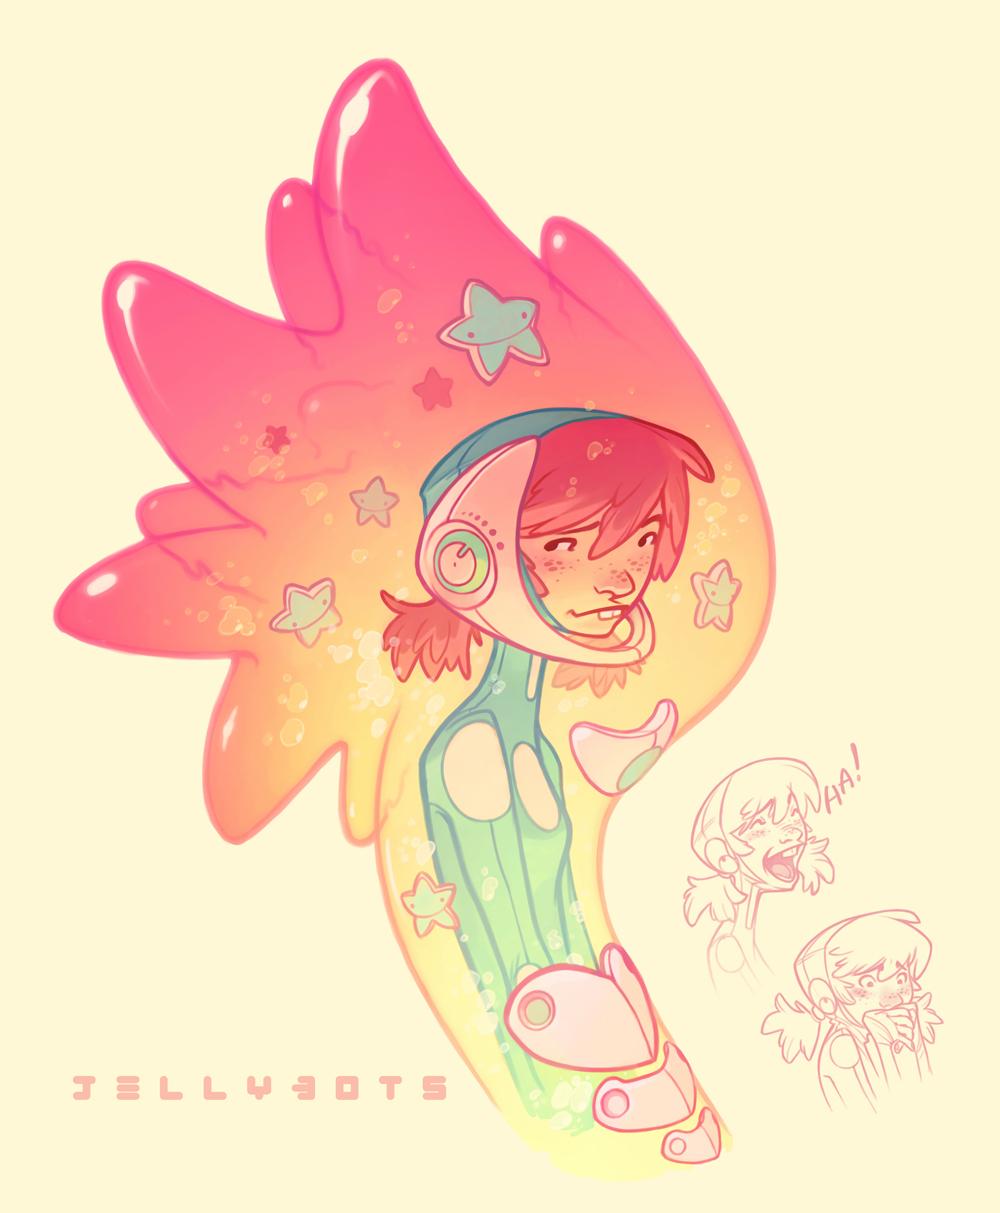 Jellybots: Lizzie